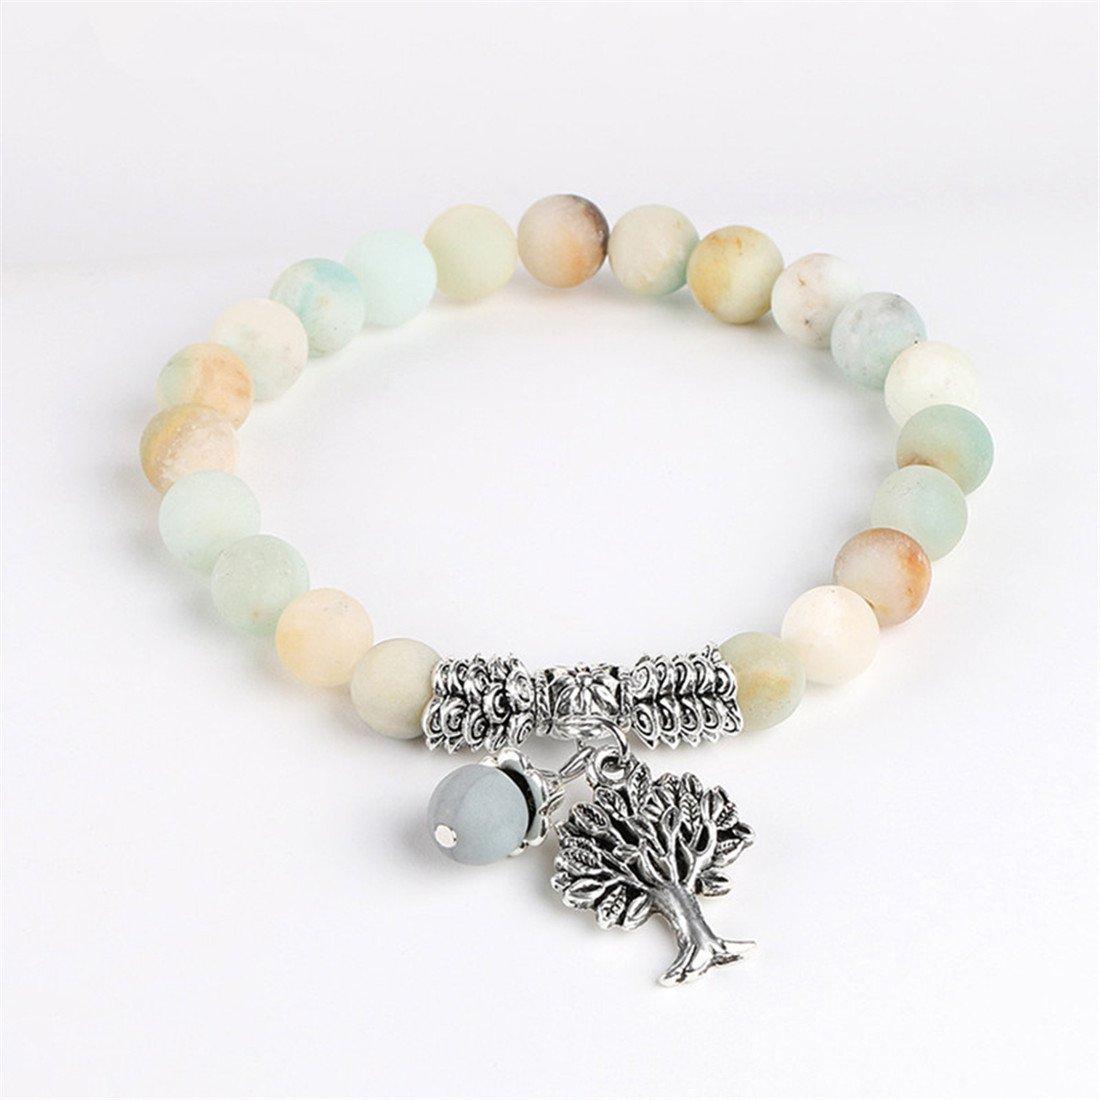 VWH White 8mm Frosted Agate Bracelet Lucky Tree Pendant Bracelet For Women